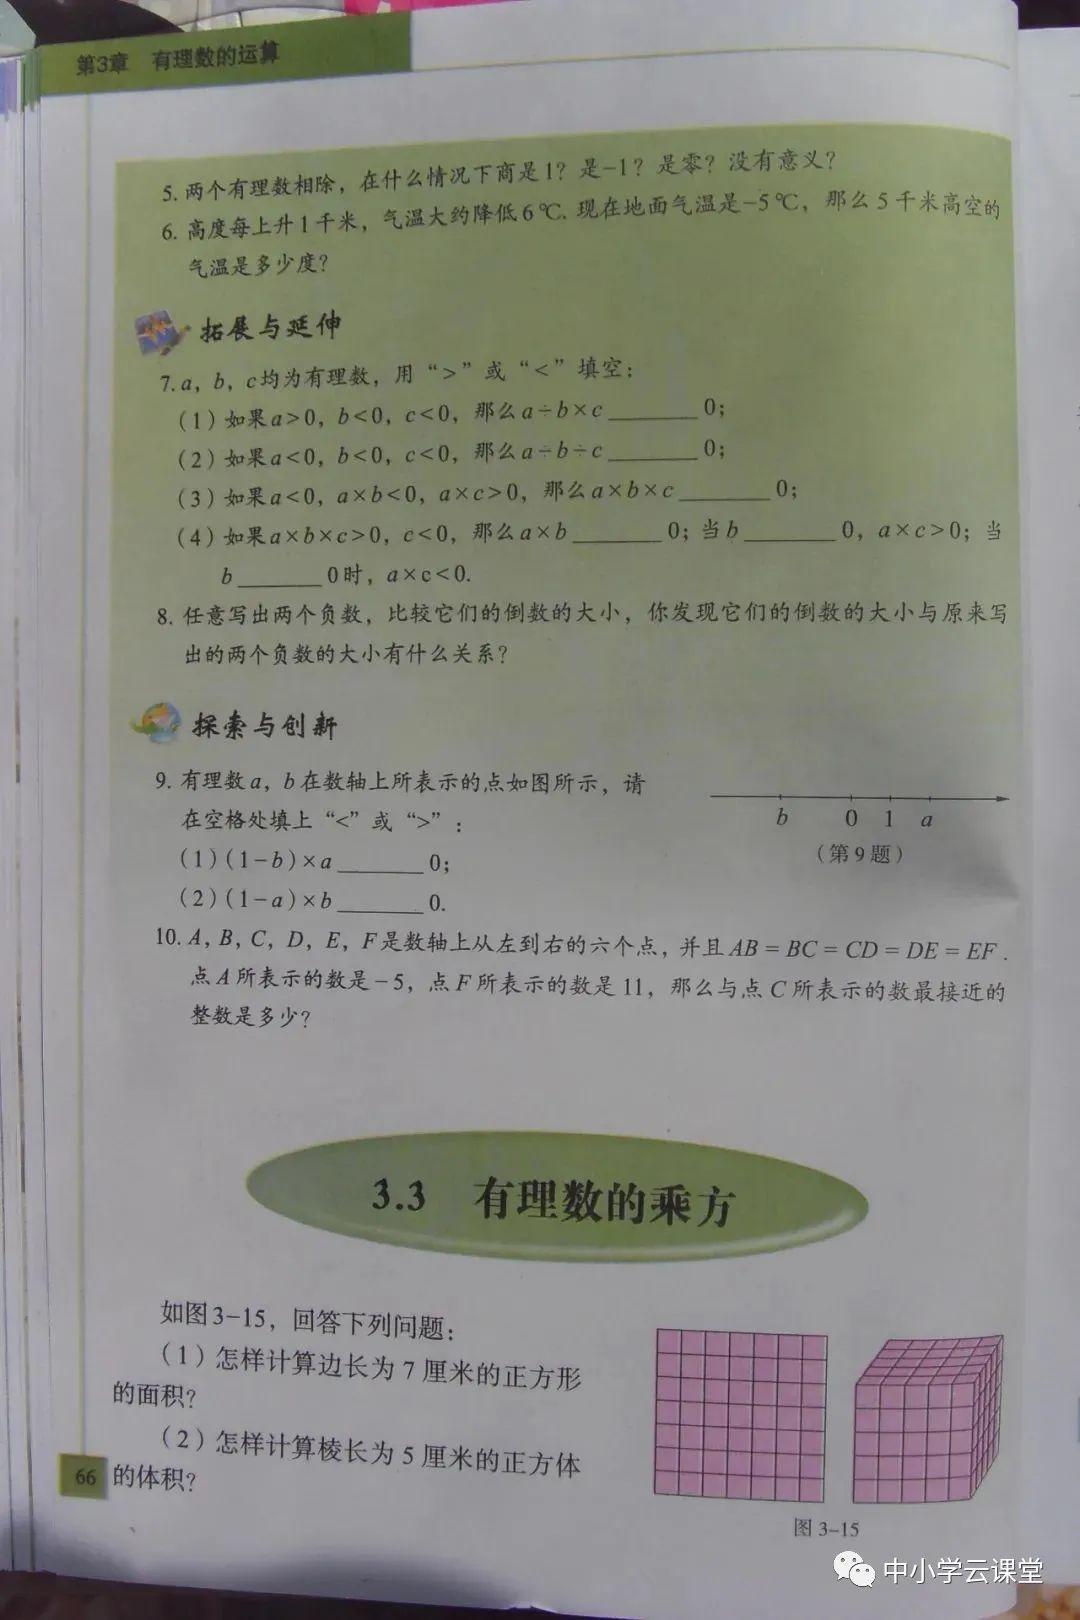 c3ac6b46f60aa0c0521e4c81c33d600f.png